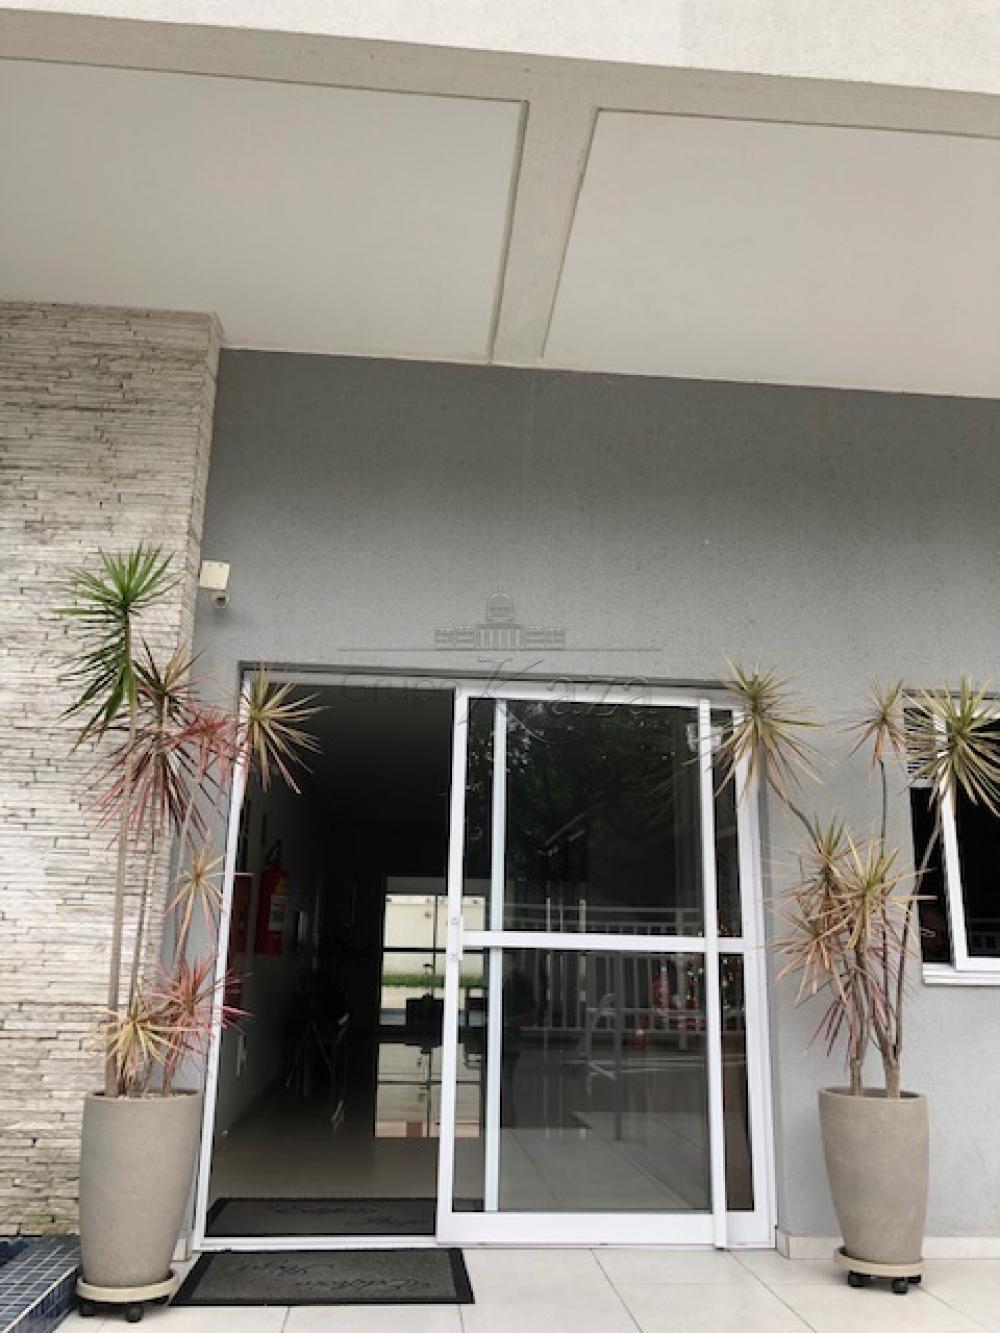 Comprar Apartamento / Padrão em São José dos Campos apenas R$ 440.000,00 - Foto 4